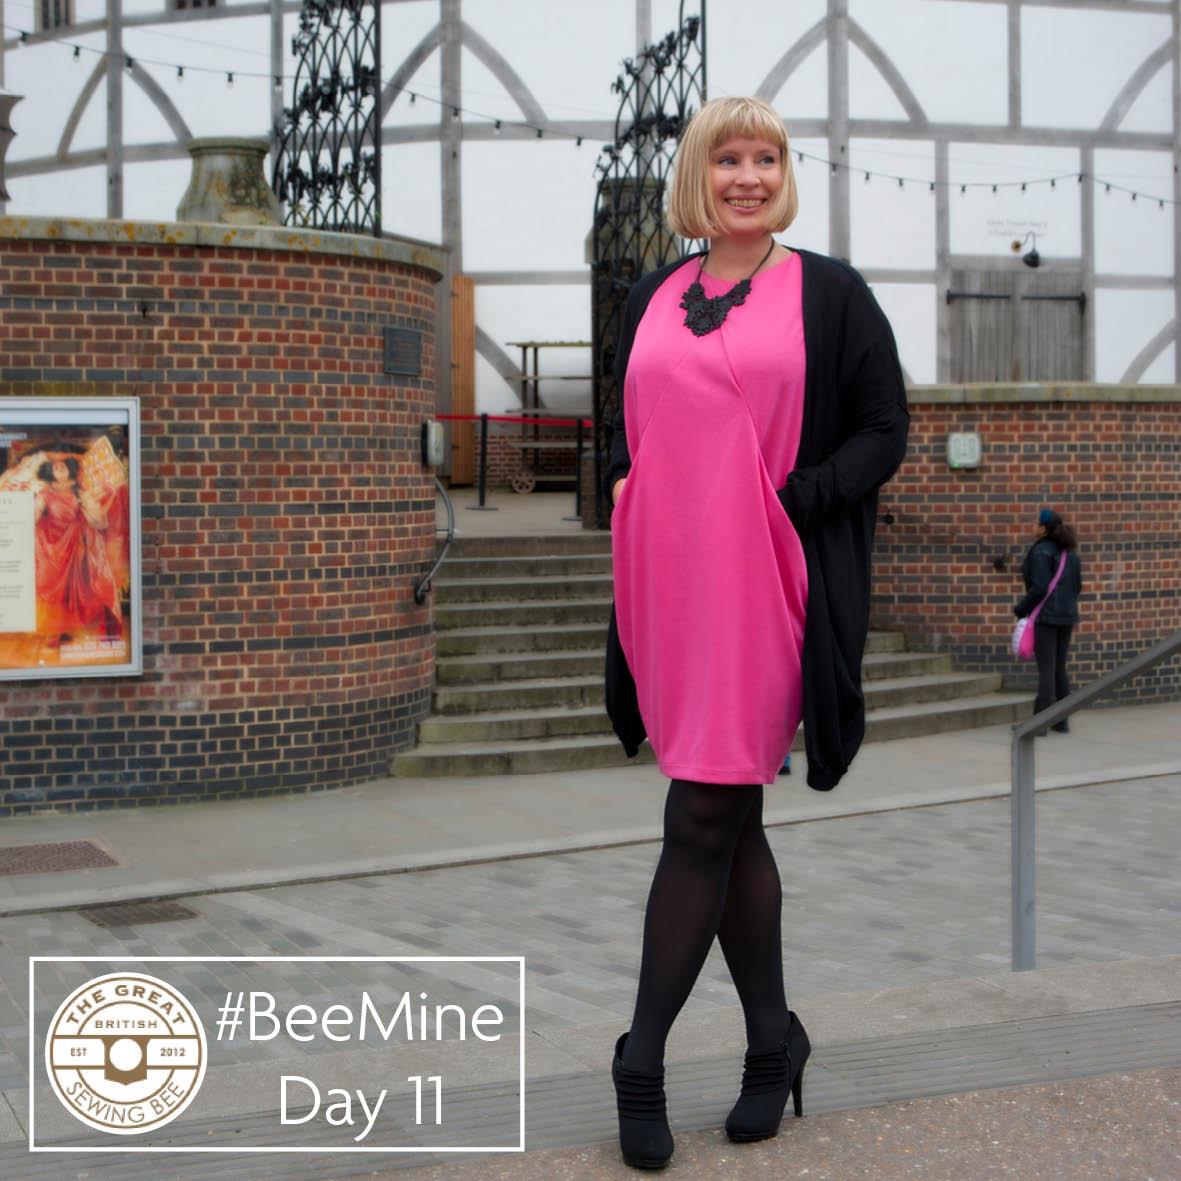 BeeMine Day11 globe